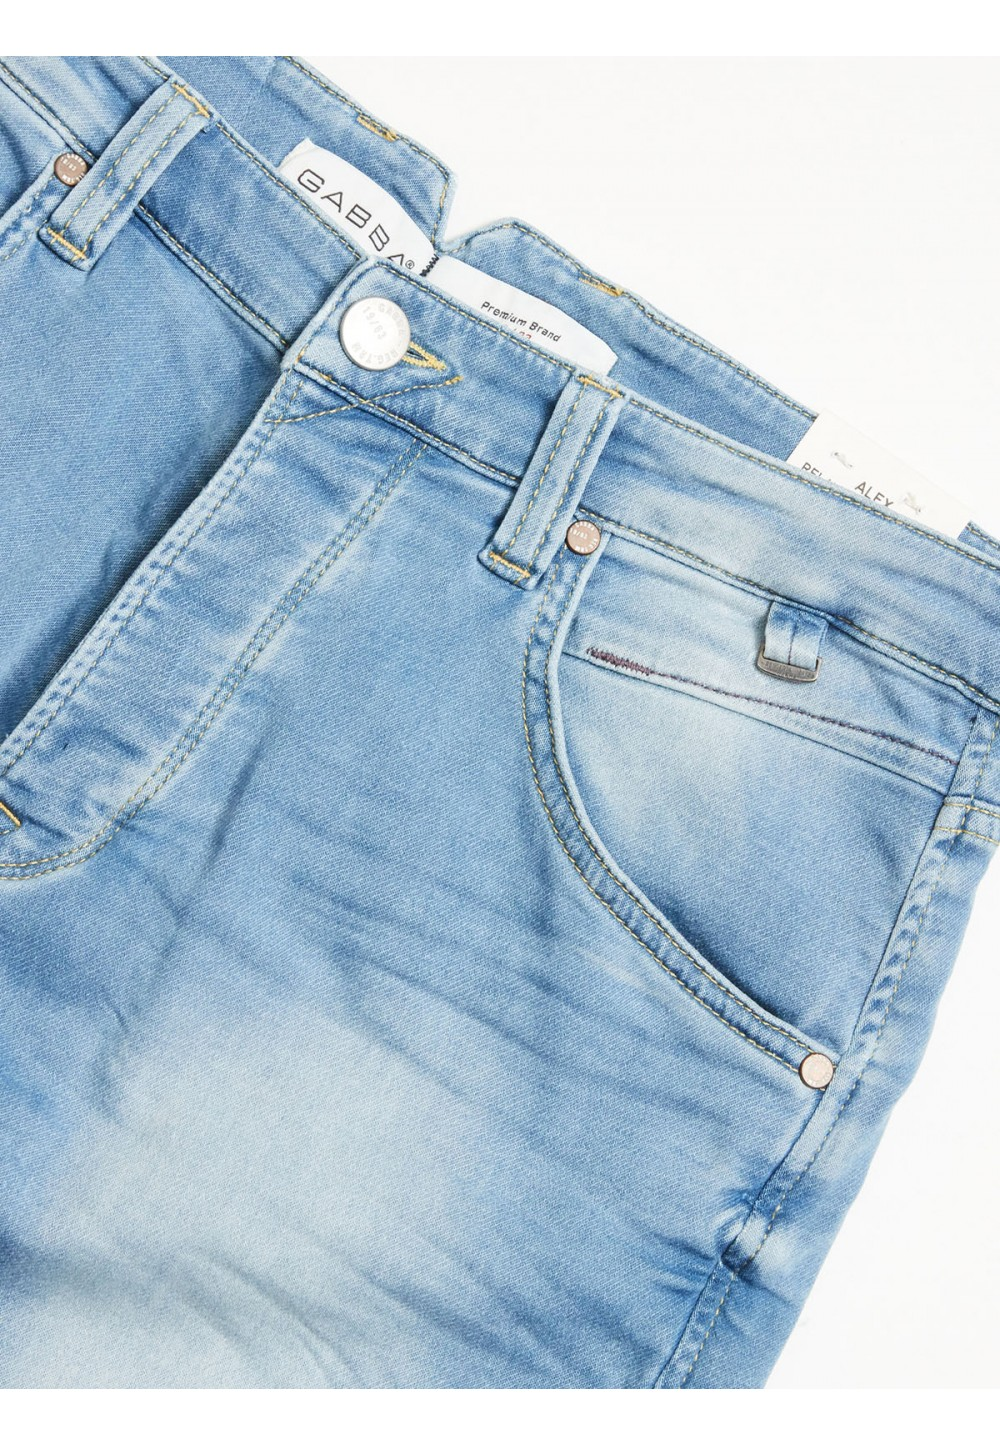 Голубые джинсы расслабленного кроя Alex K2060